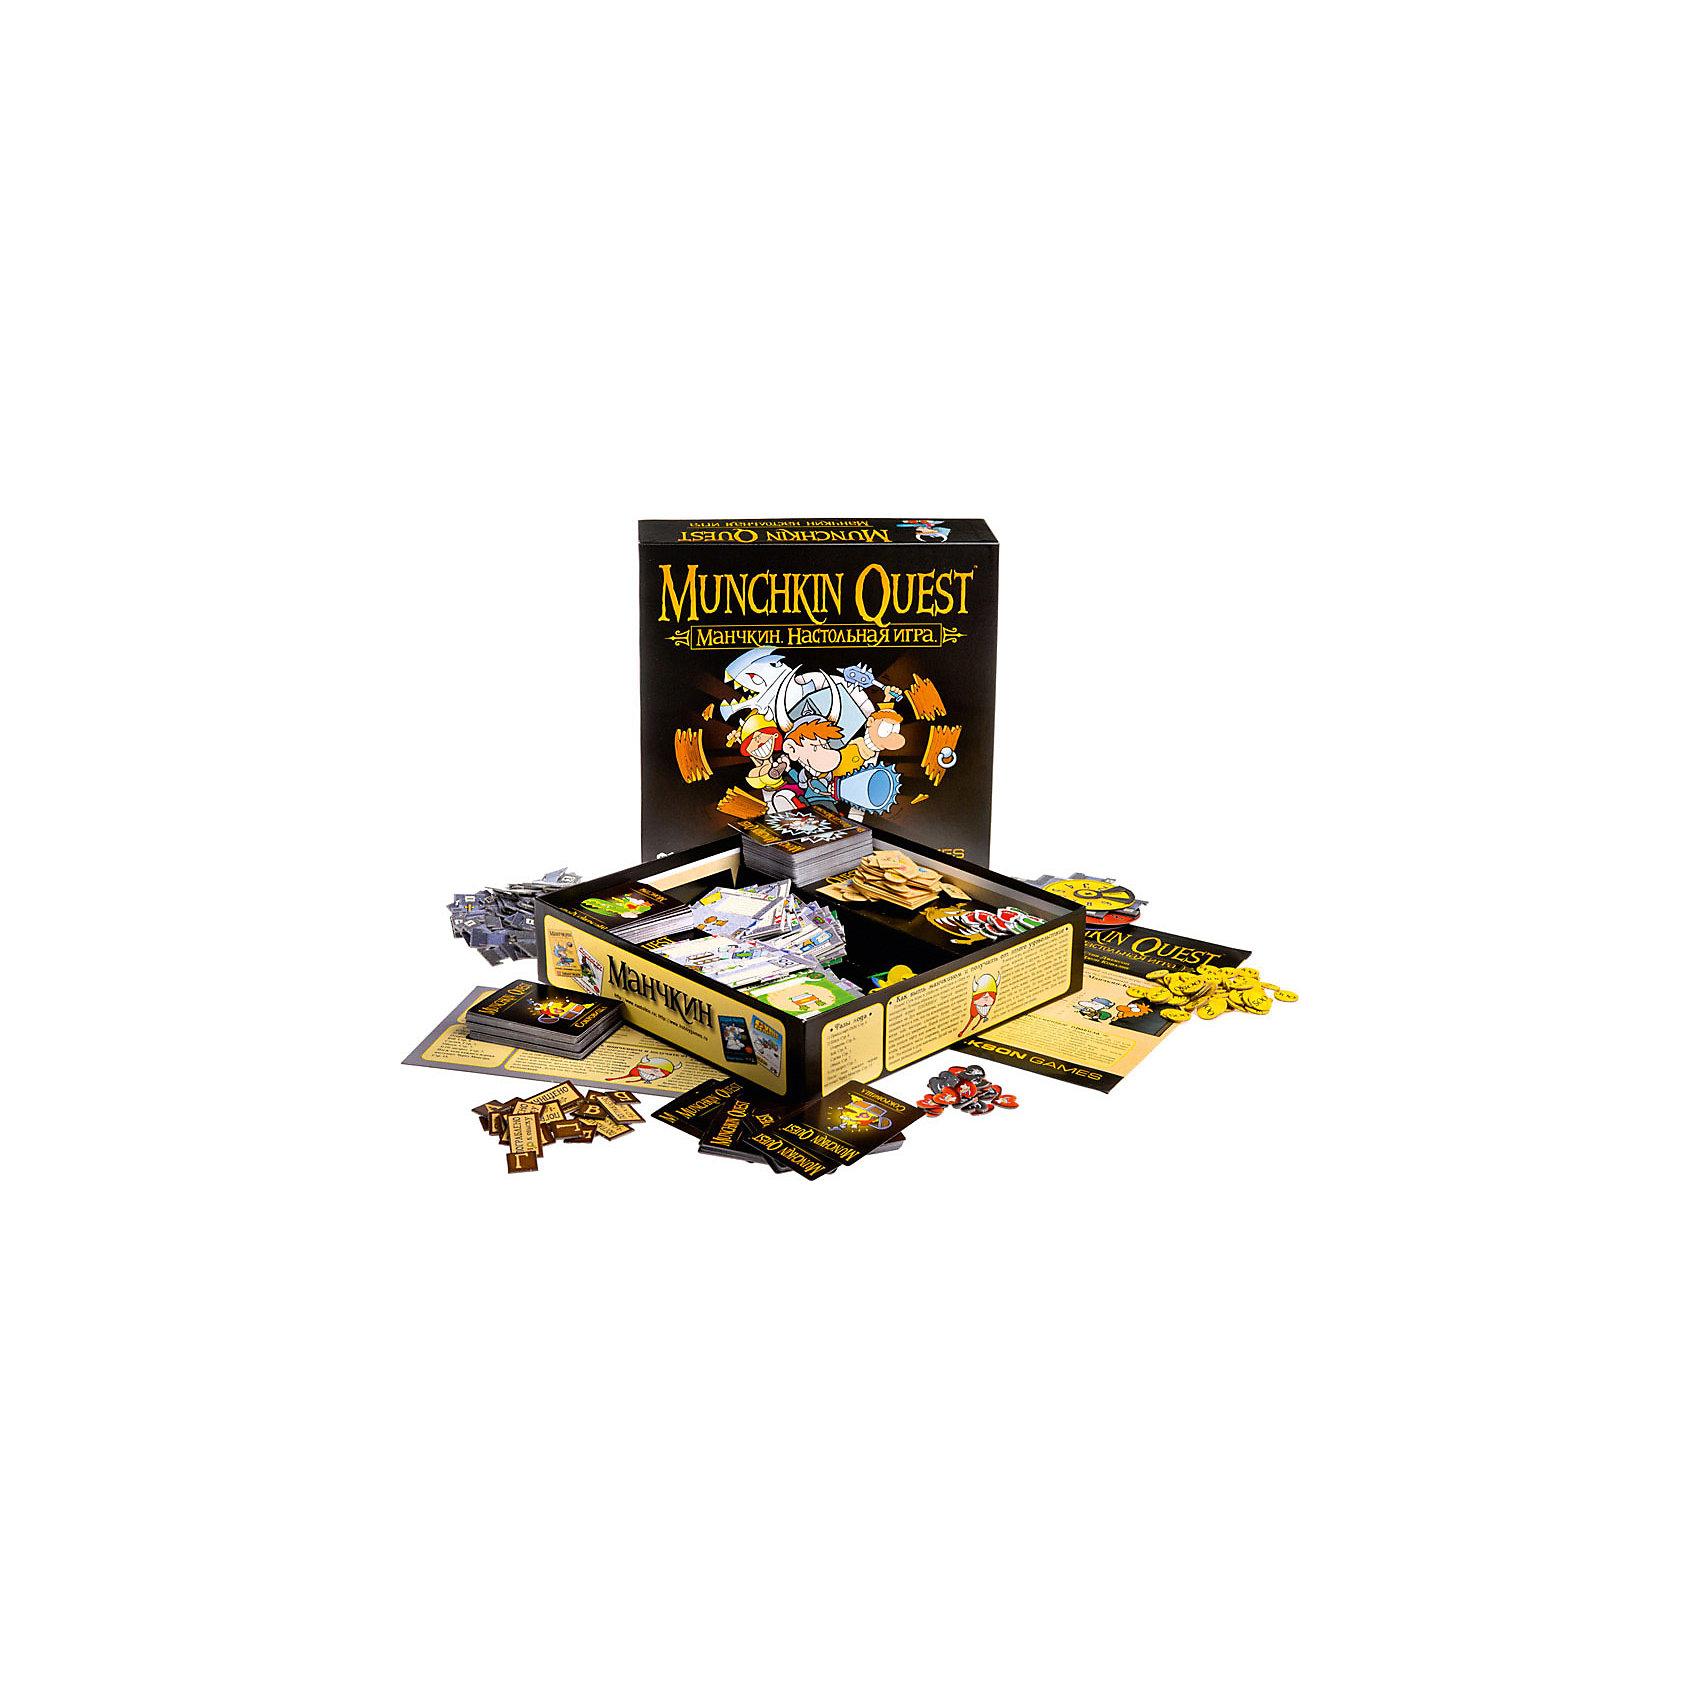 Манчкин Квест, Hobby WorldНастольная игра «Манчкин Квест» - это приключенческая игра для 2-4 игроков, в которой вам предстоит отправиться всем вместе в подземелье, странствовать по нему в поисках приключений, монстров и сокровищ, попытаться прокачаться до 10-го уровня персонажа быстрее, чем это сделают ваши соперники и пробить себе выход наружу! <br><br>«Манчкин Квест» - это логическое продолжение и развитие другой культовой карточной игры Стива Джексона - «Манчкин»  Игра, прежде всего, сохранила свой неповторимый пародийный юмор и графический дизайн, общую концепцию и большинство механик, как смывка или непотребства от монстров. Но зато теперь в игре есть настоящее подземелье, выполненное мозаичным составным полем из комнат, которые каждый раз приходят случайно – таким образом каждая партия будет очень сильно отличаться от предыдущих за счёт уникального подземелья, в котором по-прежнему множество дверей, которые только и ждут, чтобы их открыли. <br>  Одно из важных новшеств – монстры передвигаются вместе с игроками, так что теперь не только вы можете напасть на них, но и они, в самый неподобающий момент, на вас!  Также все манчкины теперь обладают запасом здоровья и очков передвижения, так что пробежать за один ход все комнаты не удастся. <br>  Важное изменение правил касается условий победы – мало просто добраться до 10-го уровня, так теперь ещё нужно победить Стража на выходе из подземелья.<br><br>В комплекте:<br> 200 карт<br> 30 жетонов Здоровья, 72 Голда,<br> 12 жетонов скинутых шмоток<br> 18 жетонов Шагов<br> 12 жетонов результатов обыска<br> 4 счётчика уровней<br> 4 жетона Манчкинов<br> 16 подставок<br> 24 комнаты и 1 вход<br> 73 стыка<br> 38 монстров<br> 8 кубиков, 1 десятигранная кость и 1 шестицветный монстр-кубик<br> правила на 20 страниц<br><br>Ширина мм: 295<br>Глубина мм: 295<br>Высота мм: 70<br>Вес г: 1200<br>Возраст от месяцев: 120<br>Возраст до месяцев: 1188<br>Пол: Унисекс<br>Возраст: Детский<br>SKU: 3202211